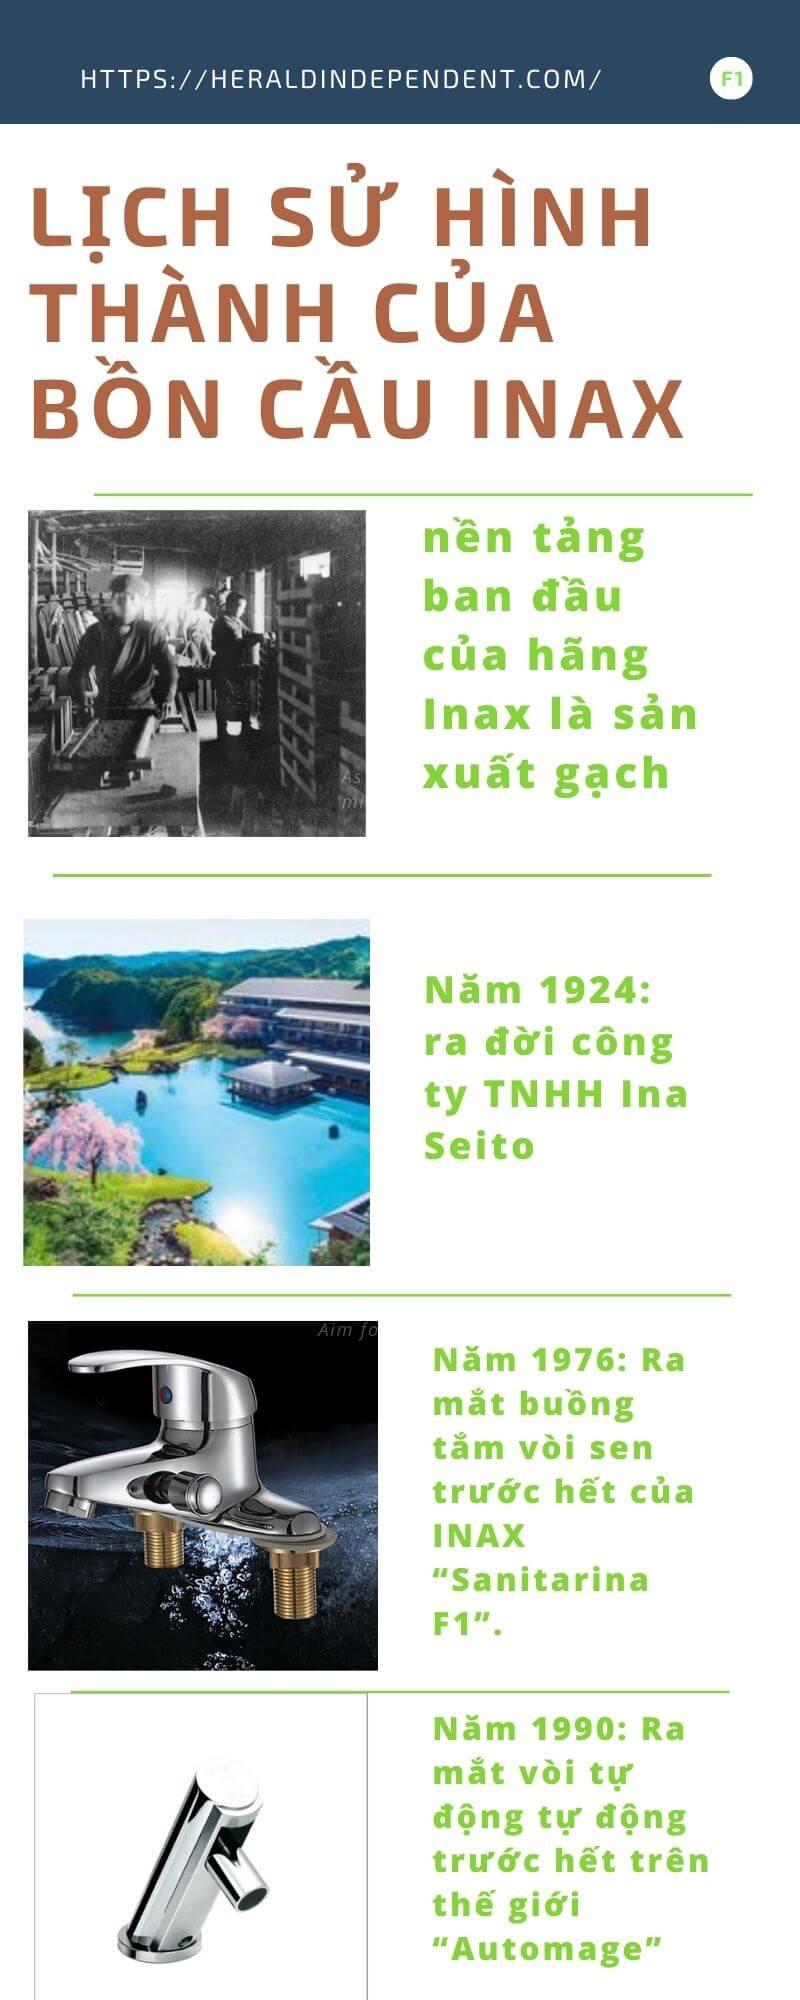 lịch sử hình thành bồn cầu inax